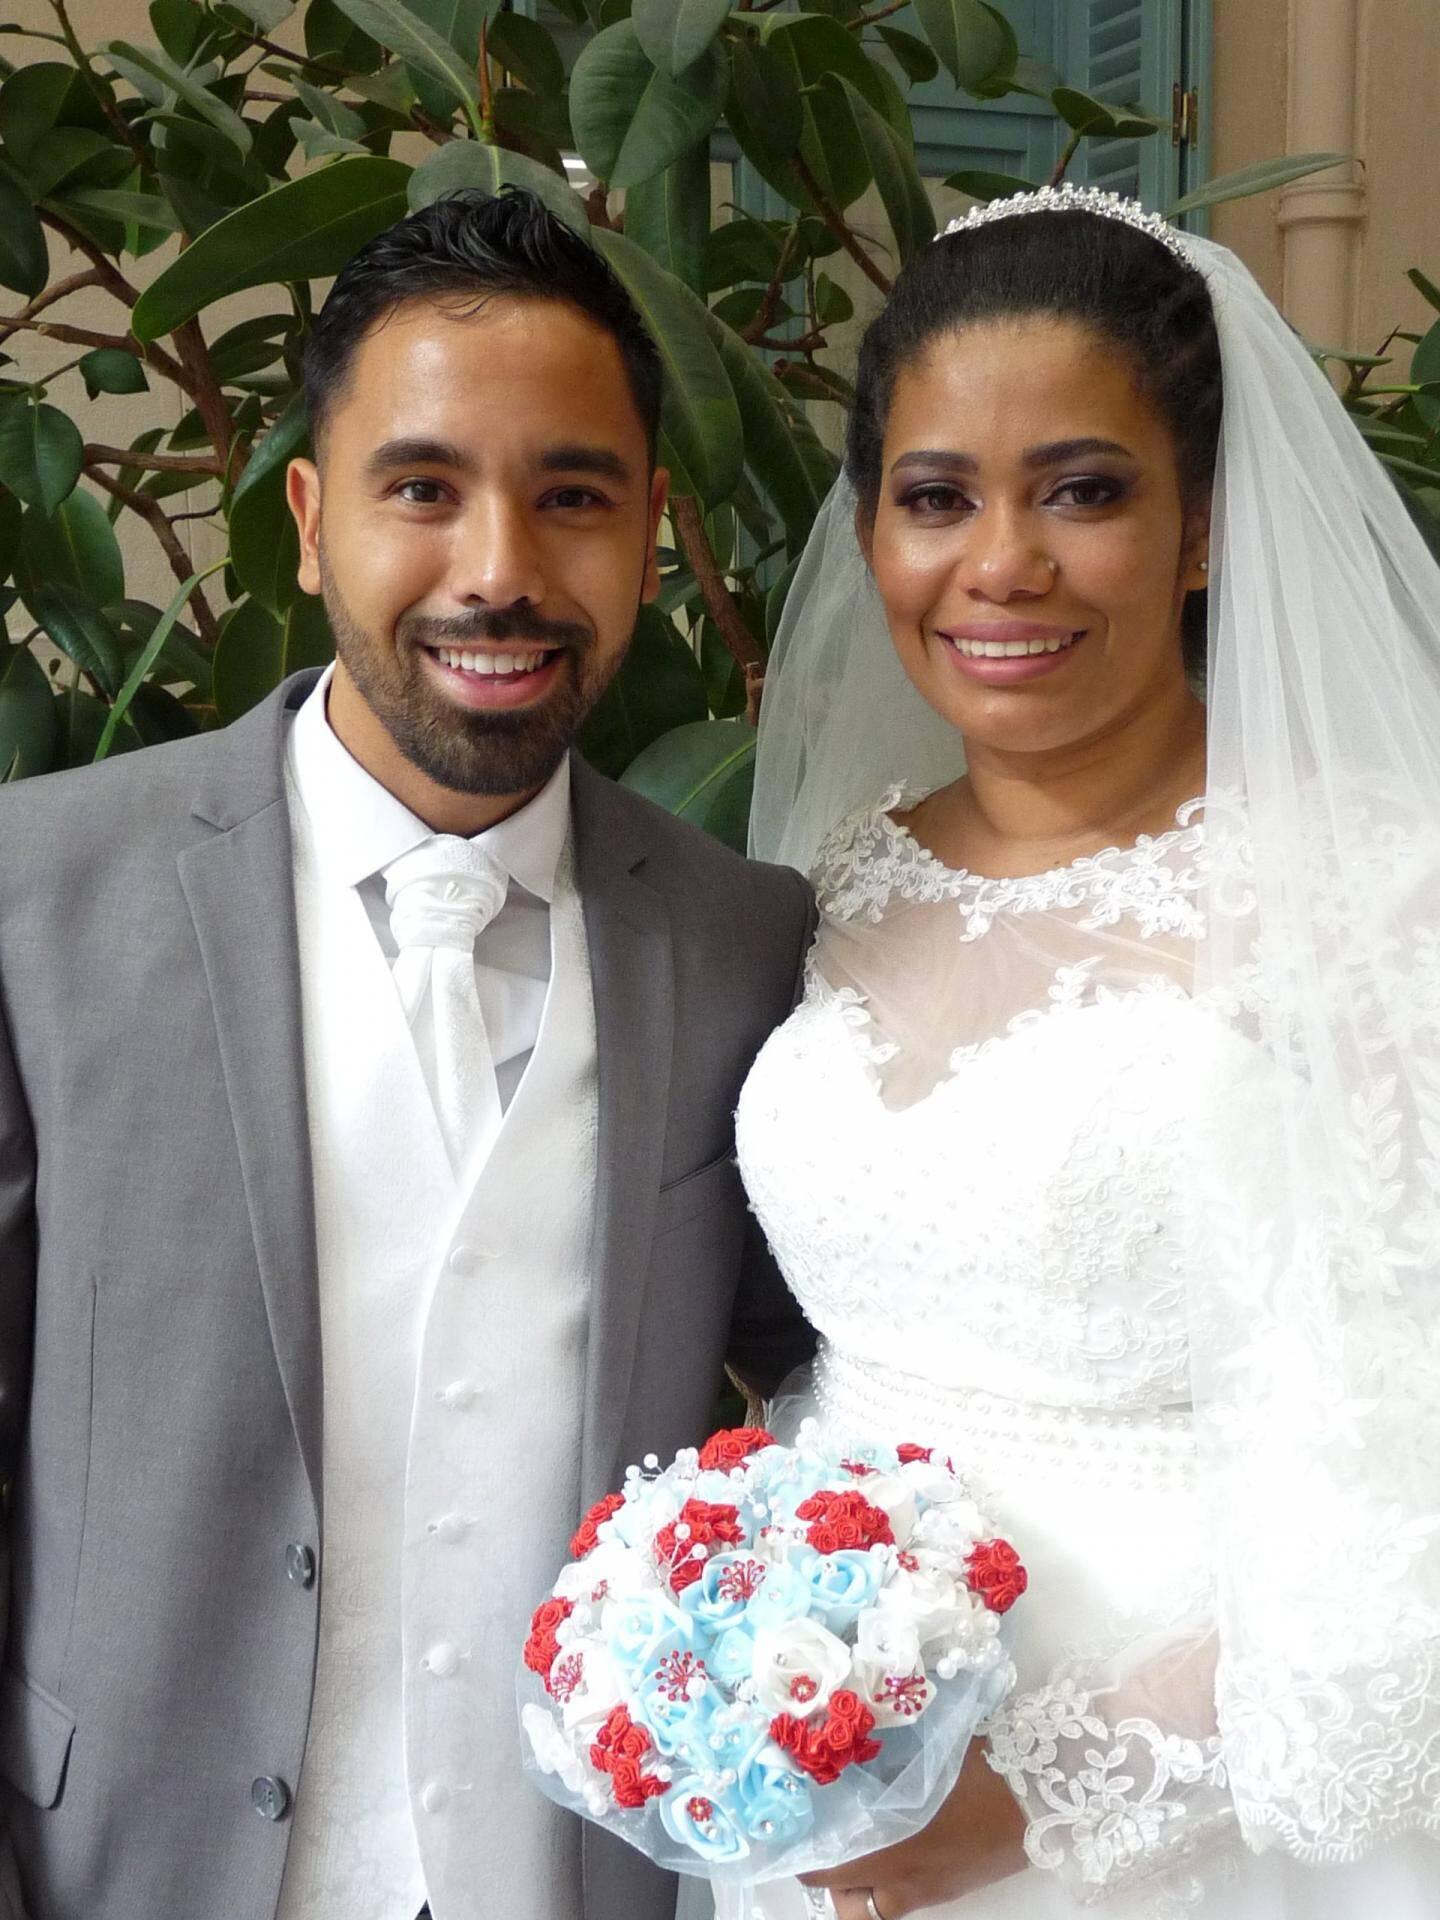 Anthony Bez, réceptionniste, et Ana Alves Dos Santos, esthéticienne.